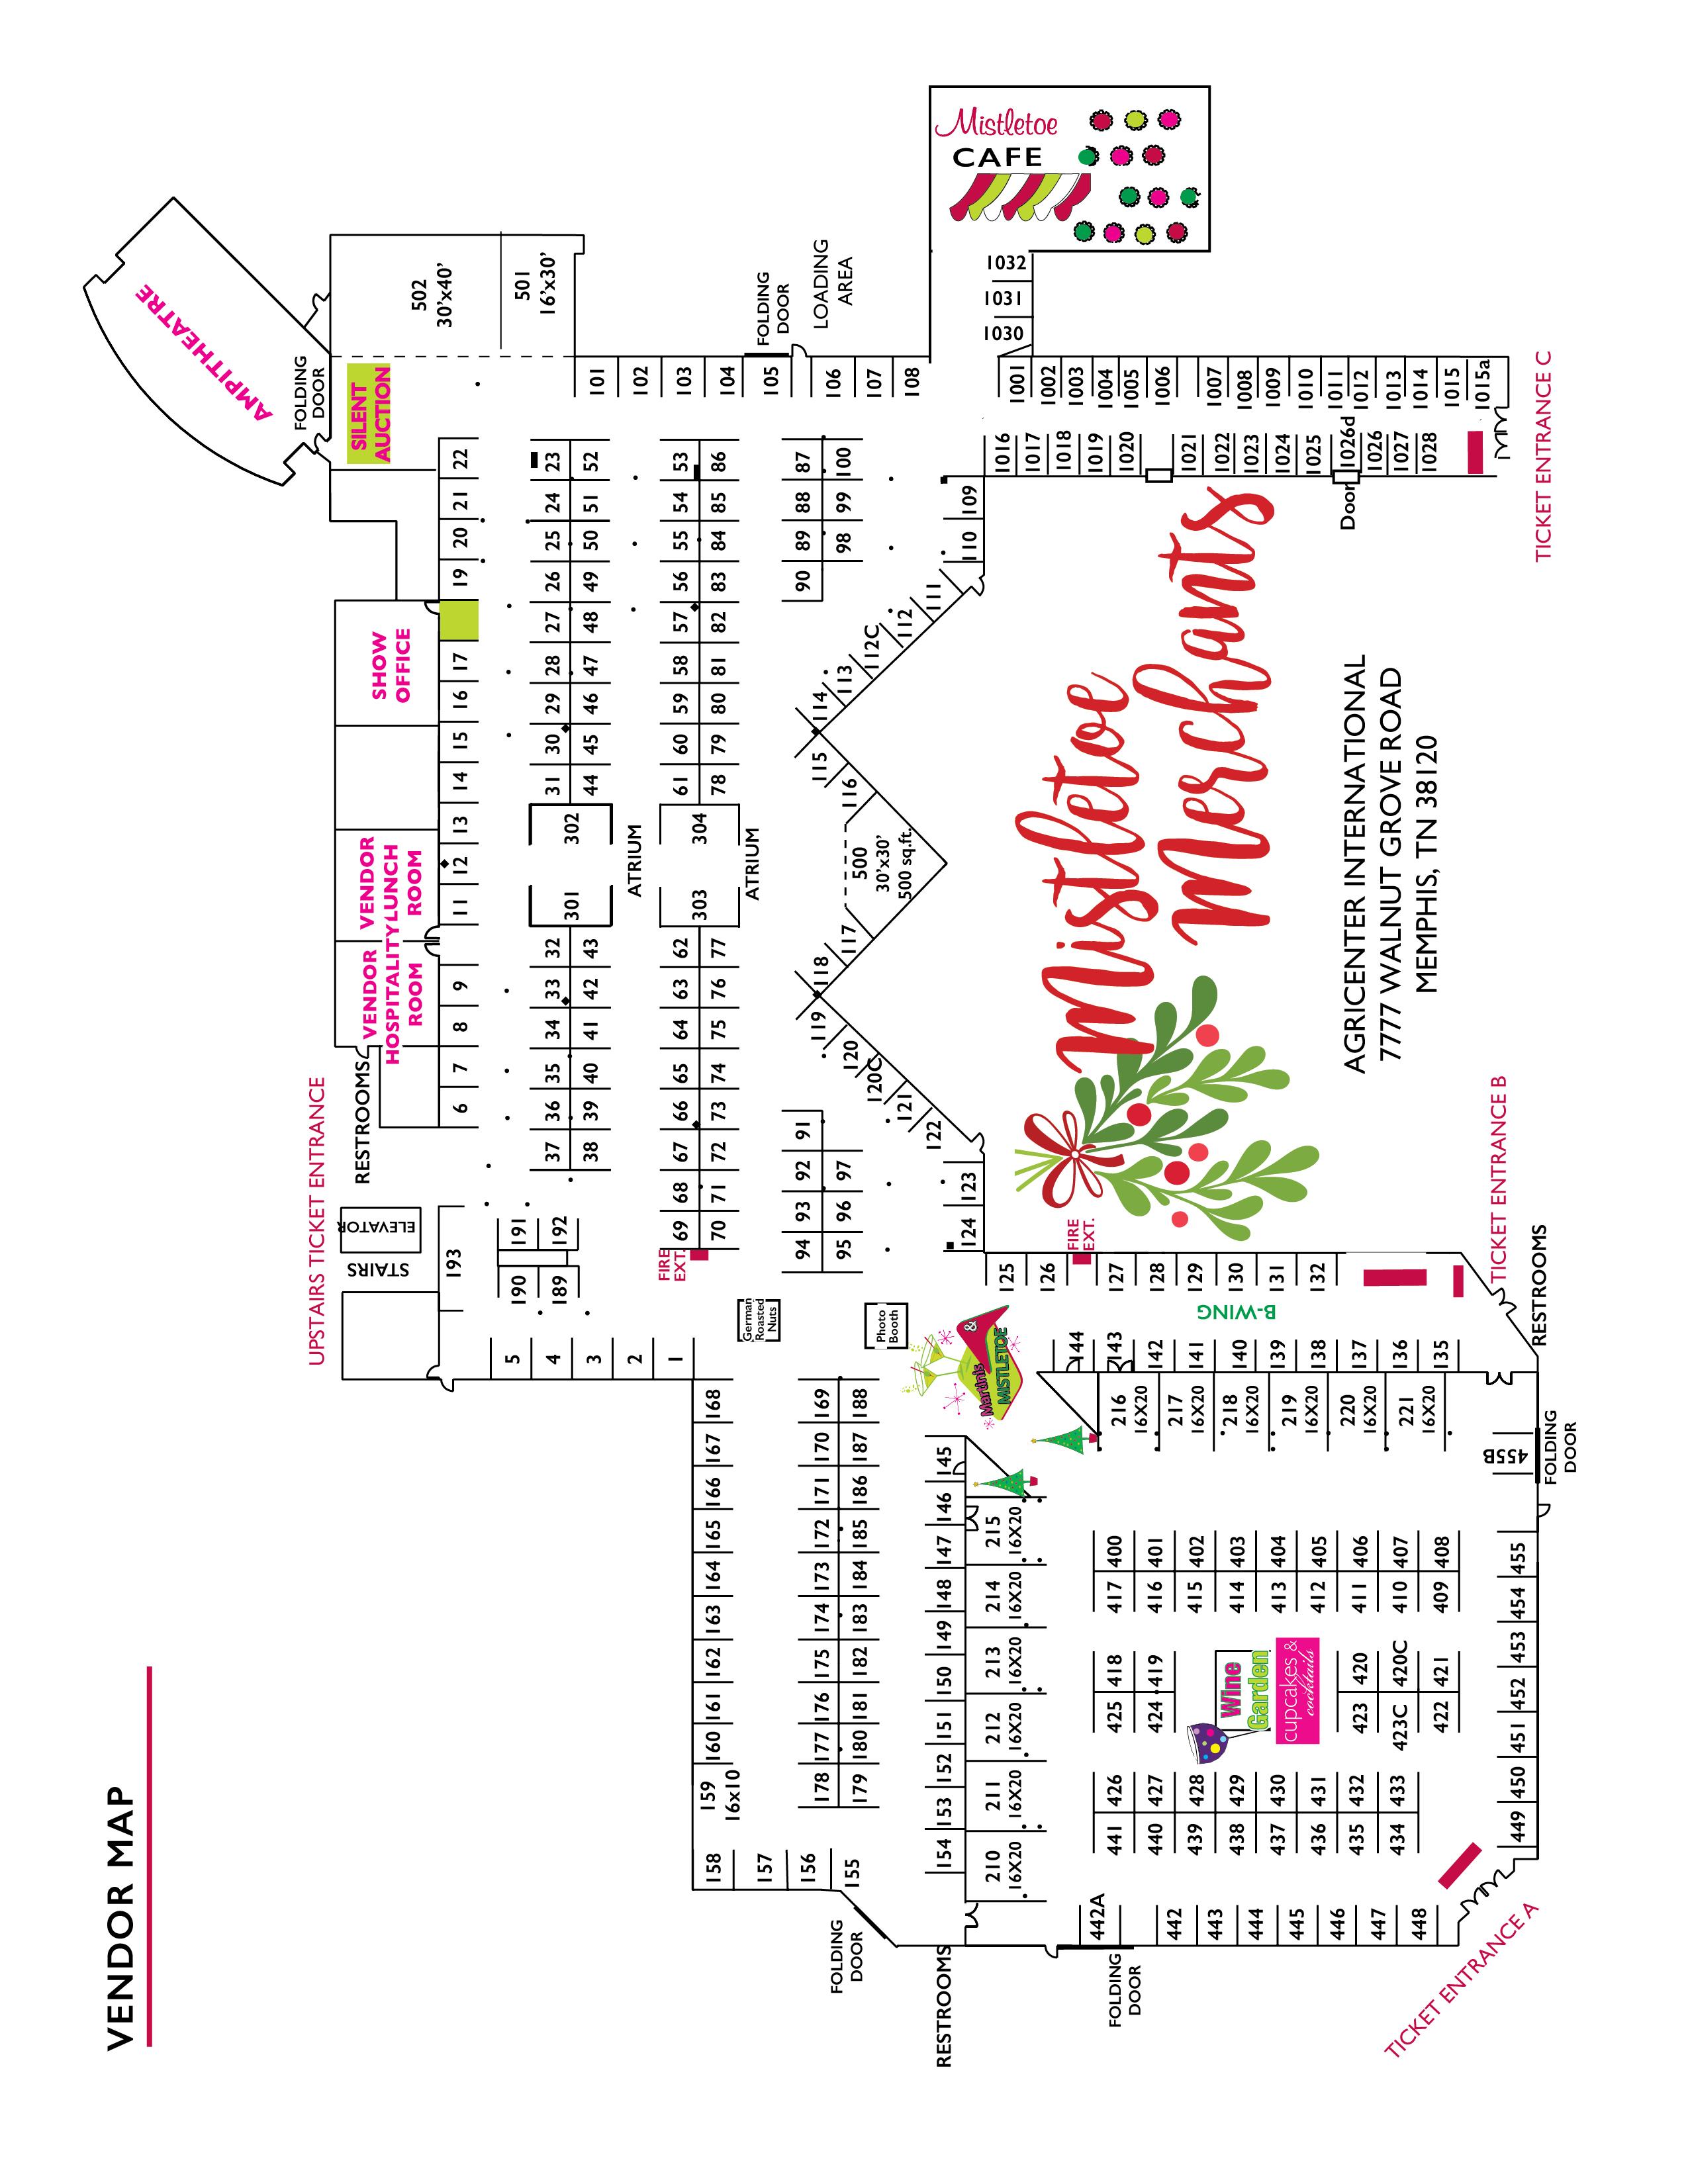 Mistletoe Memphis show map